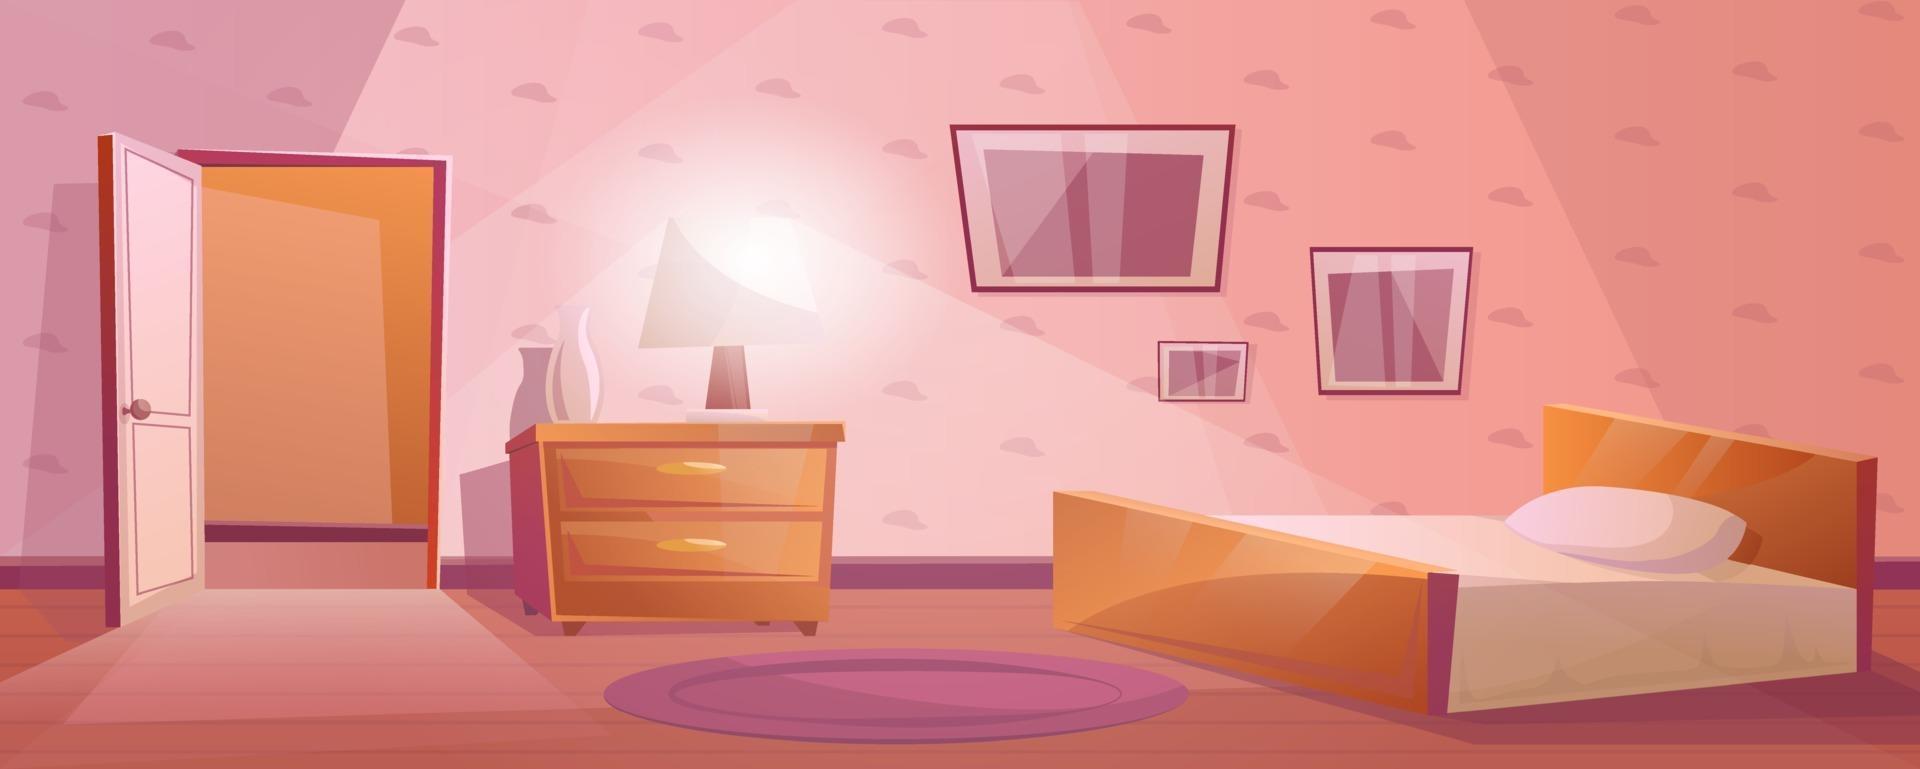 slaapkamer met een groot bed en een open deur. nachtkastje of nachtkastje met de lamp en vaas. paars tapijt op de vloer. gestructureerd behang met afbeeldingen aan de muur. cartoon interieur in roze kleur vector